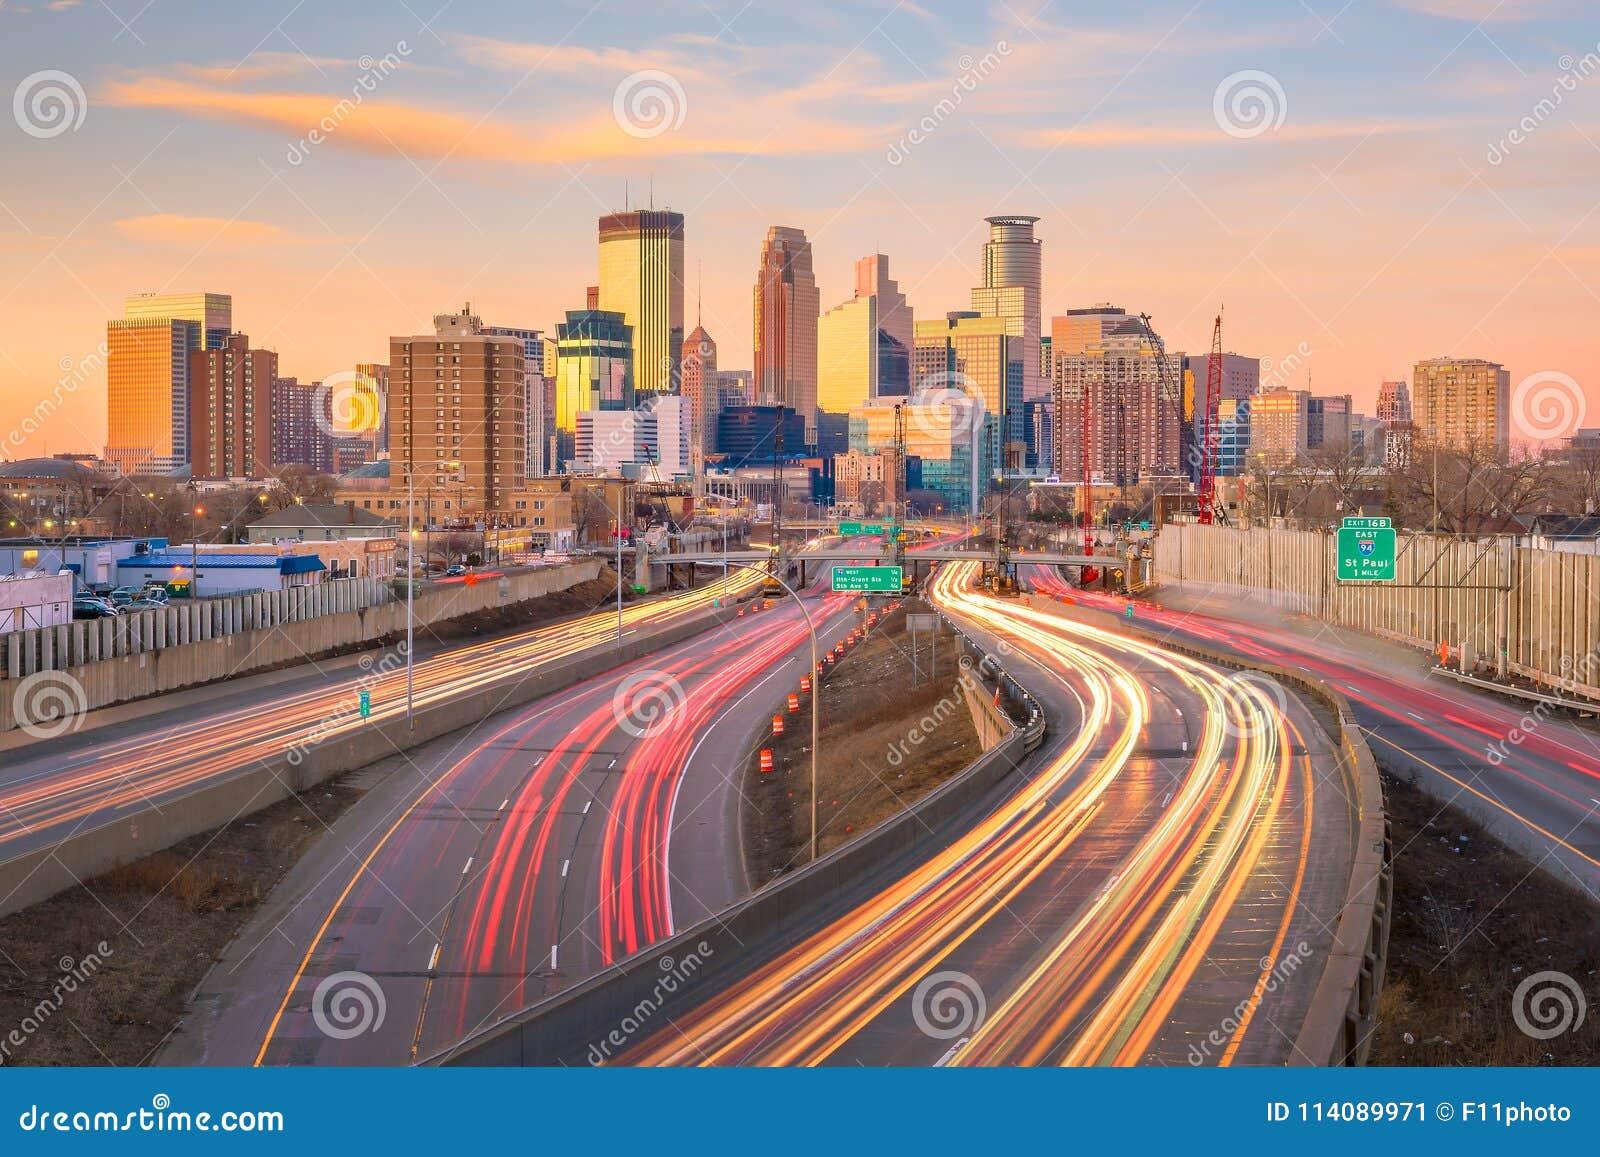 米尼亚波尼斯街市地平线在明尼苏达,美国